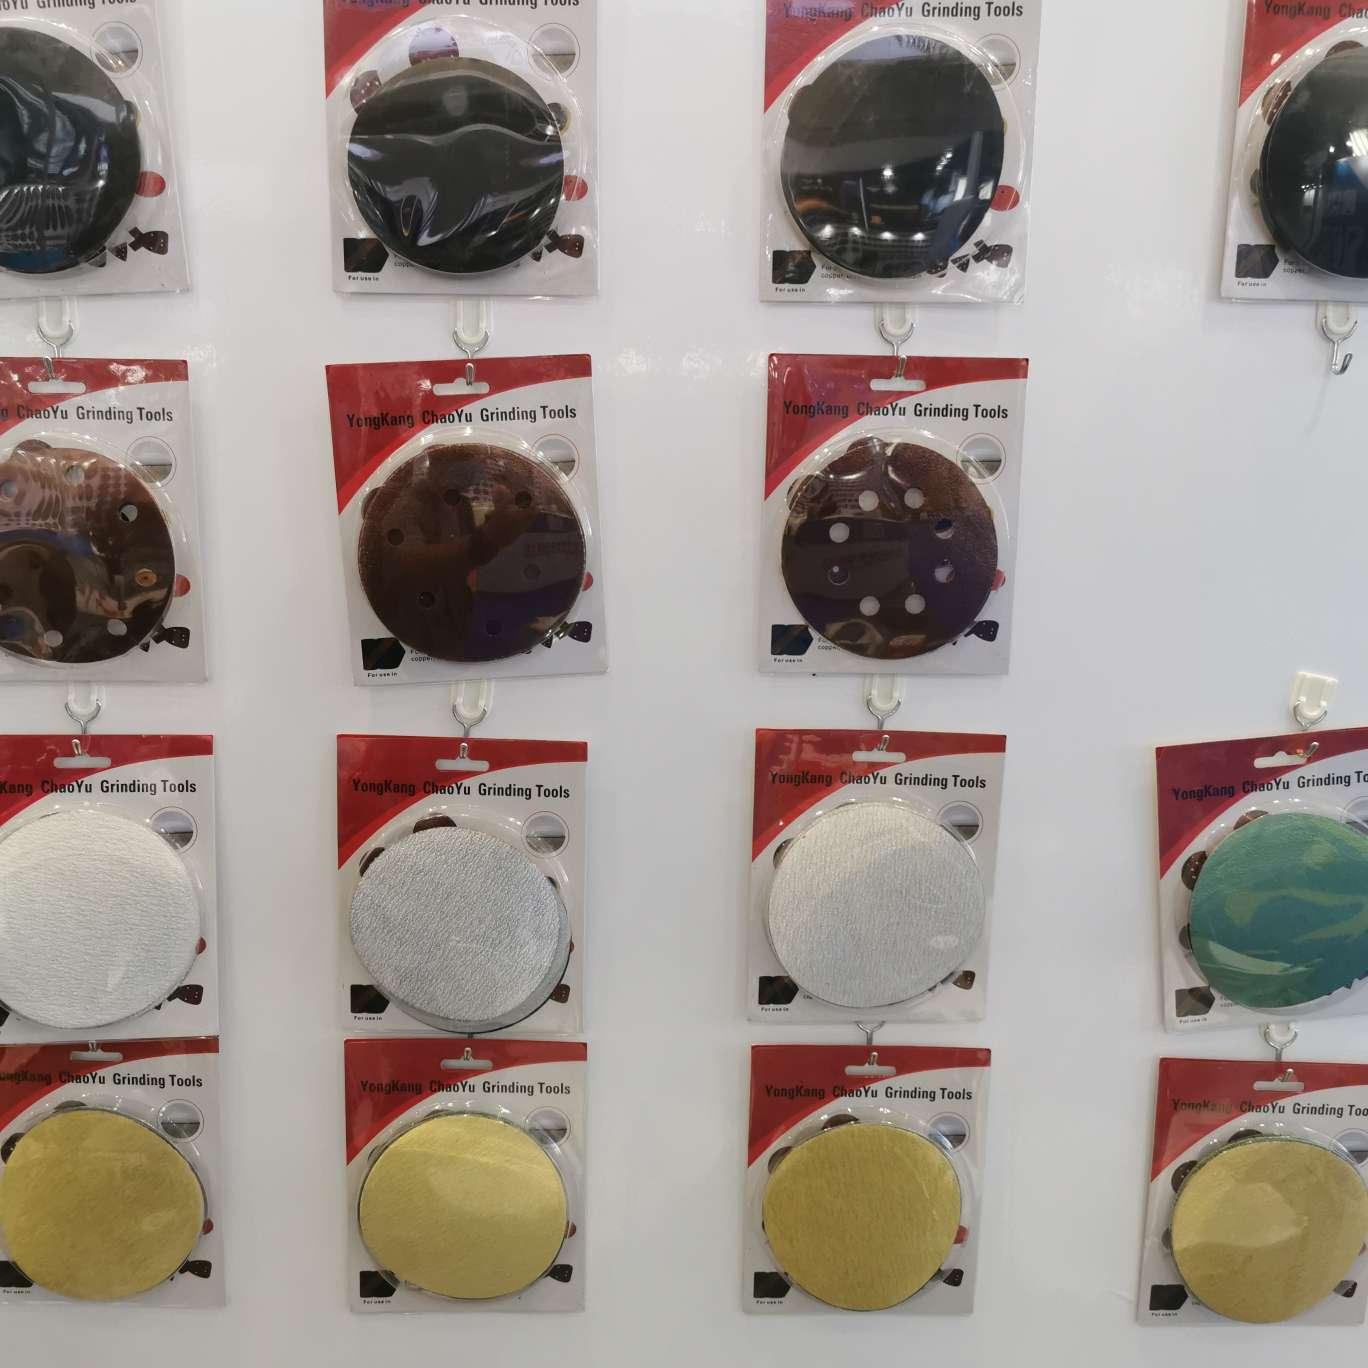 抛光轮,砂纸片,海绵抛光轮,各种各样的抛光用品。